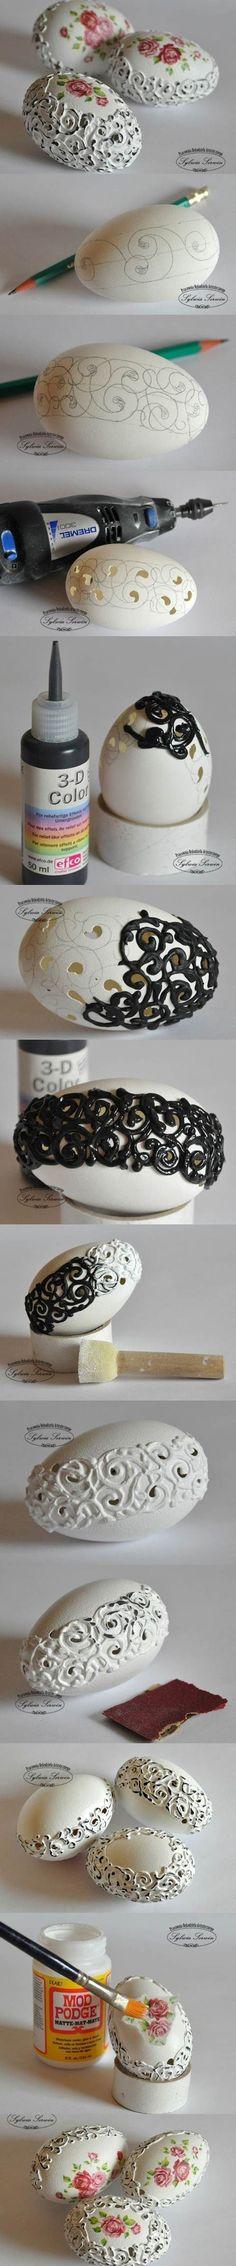 DIY Beautiful Eggshell Carving